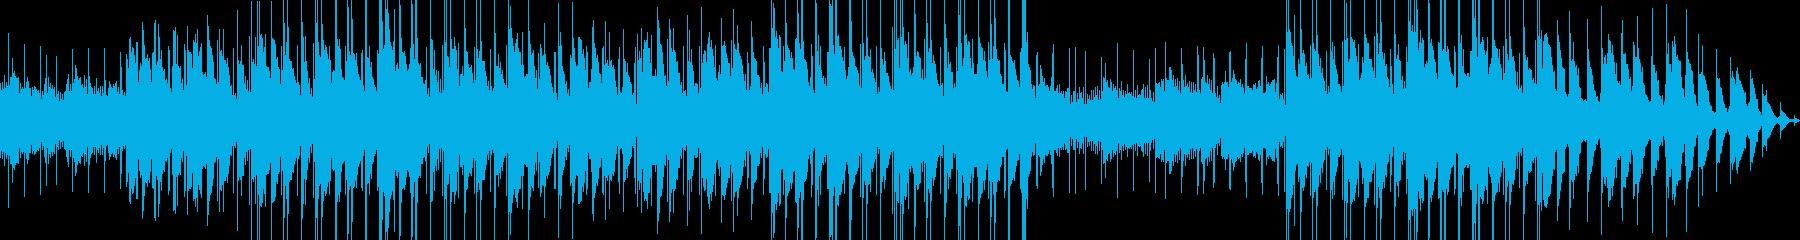 切ないギターヒップホップサウンドの再生済みの波形